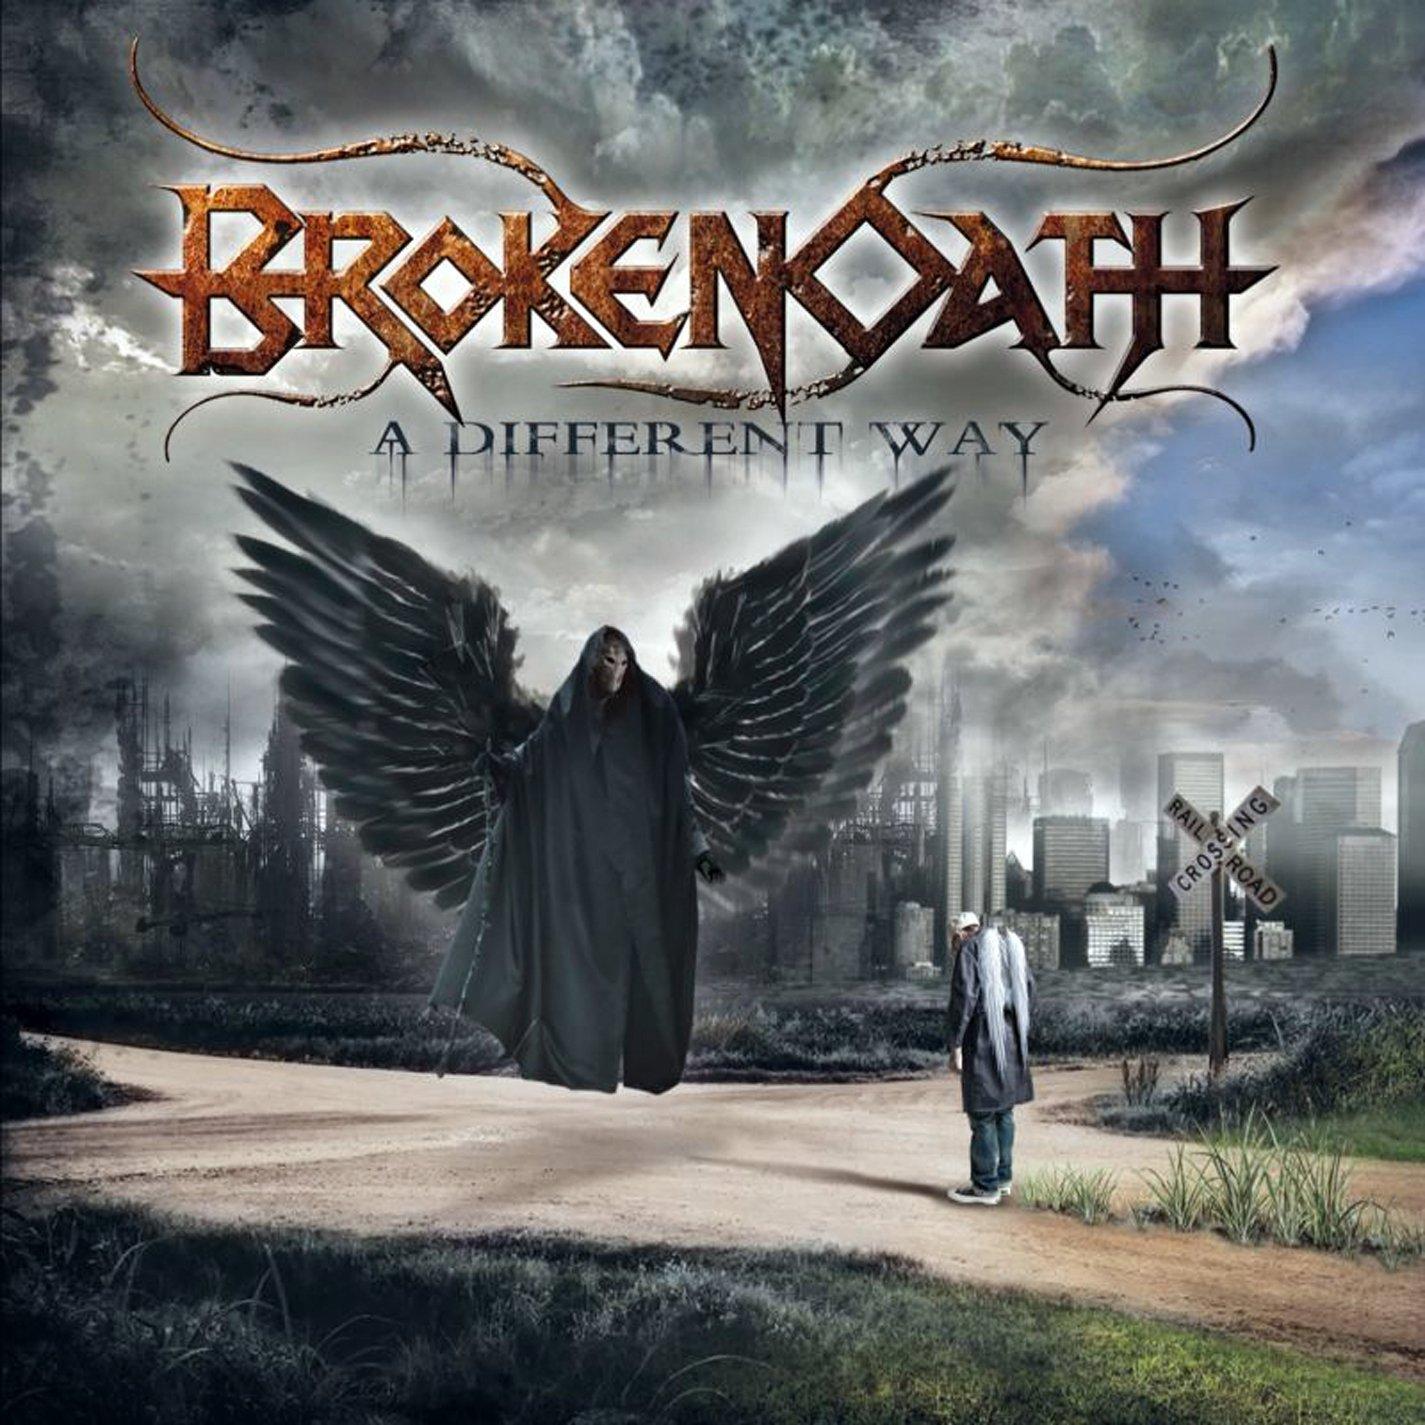 CD : Broken Oath - A Different Way (CD)